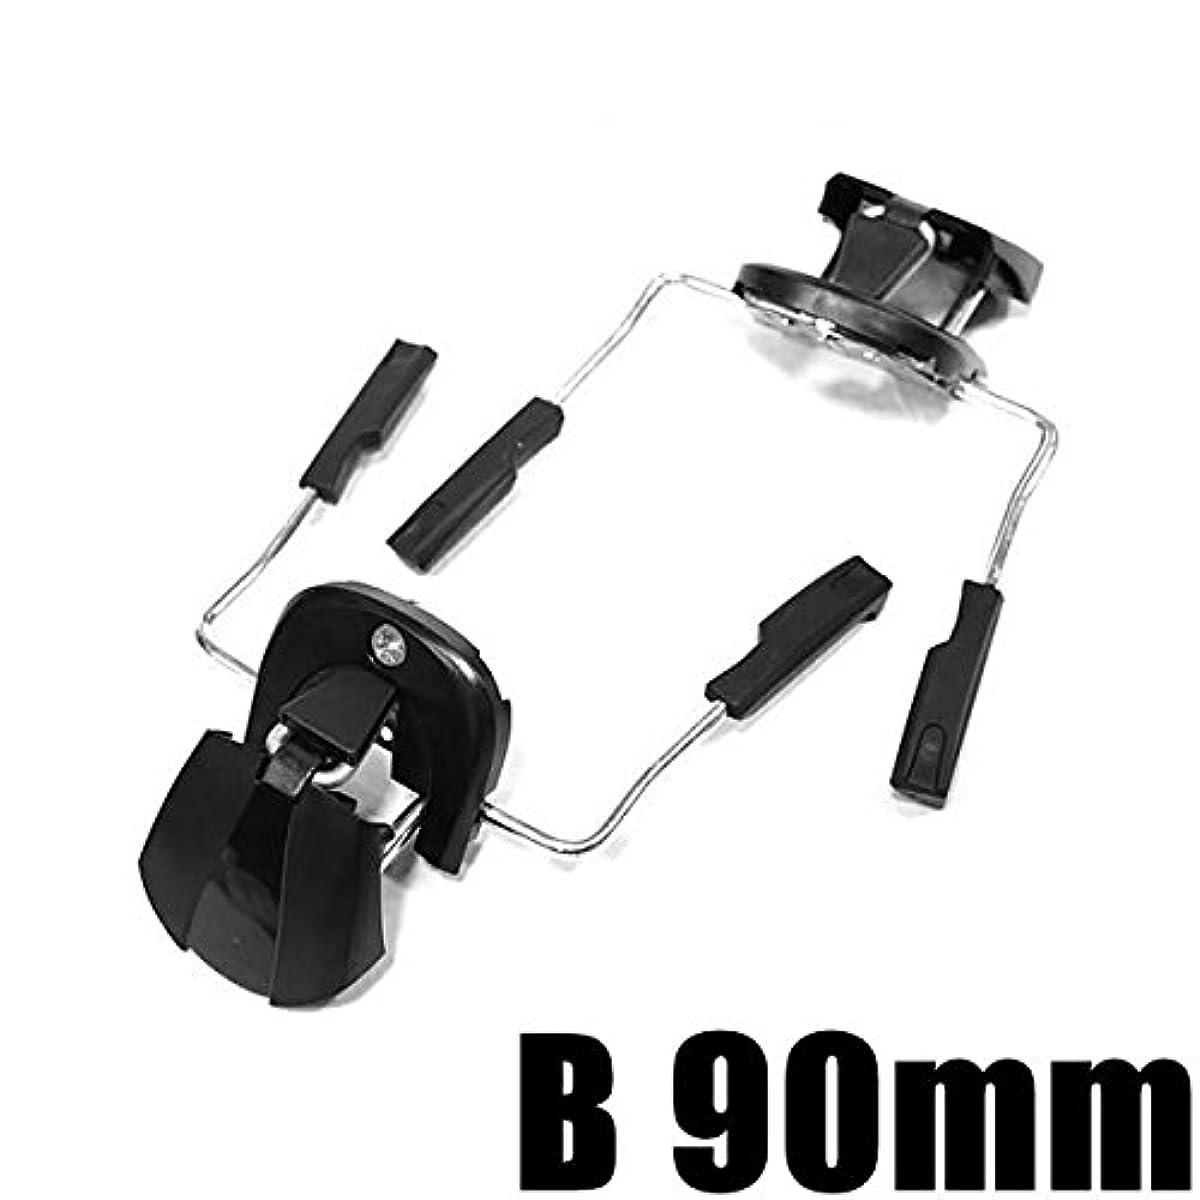 [해외] SALOMON살로몬 스키 빈딩 B90MM 브레이크 B형 살로몬 빈딩 전용